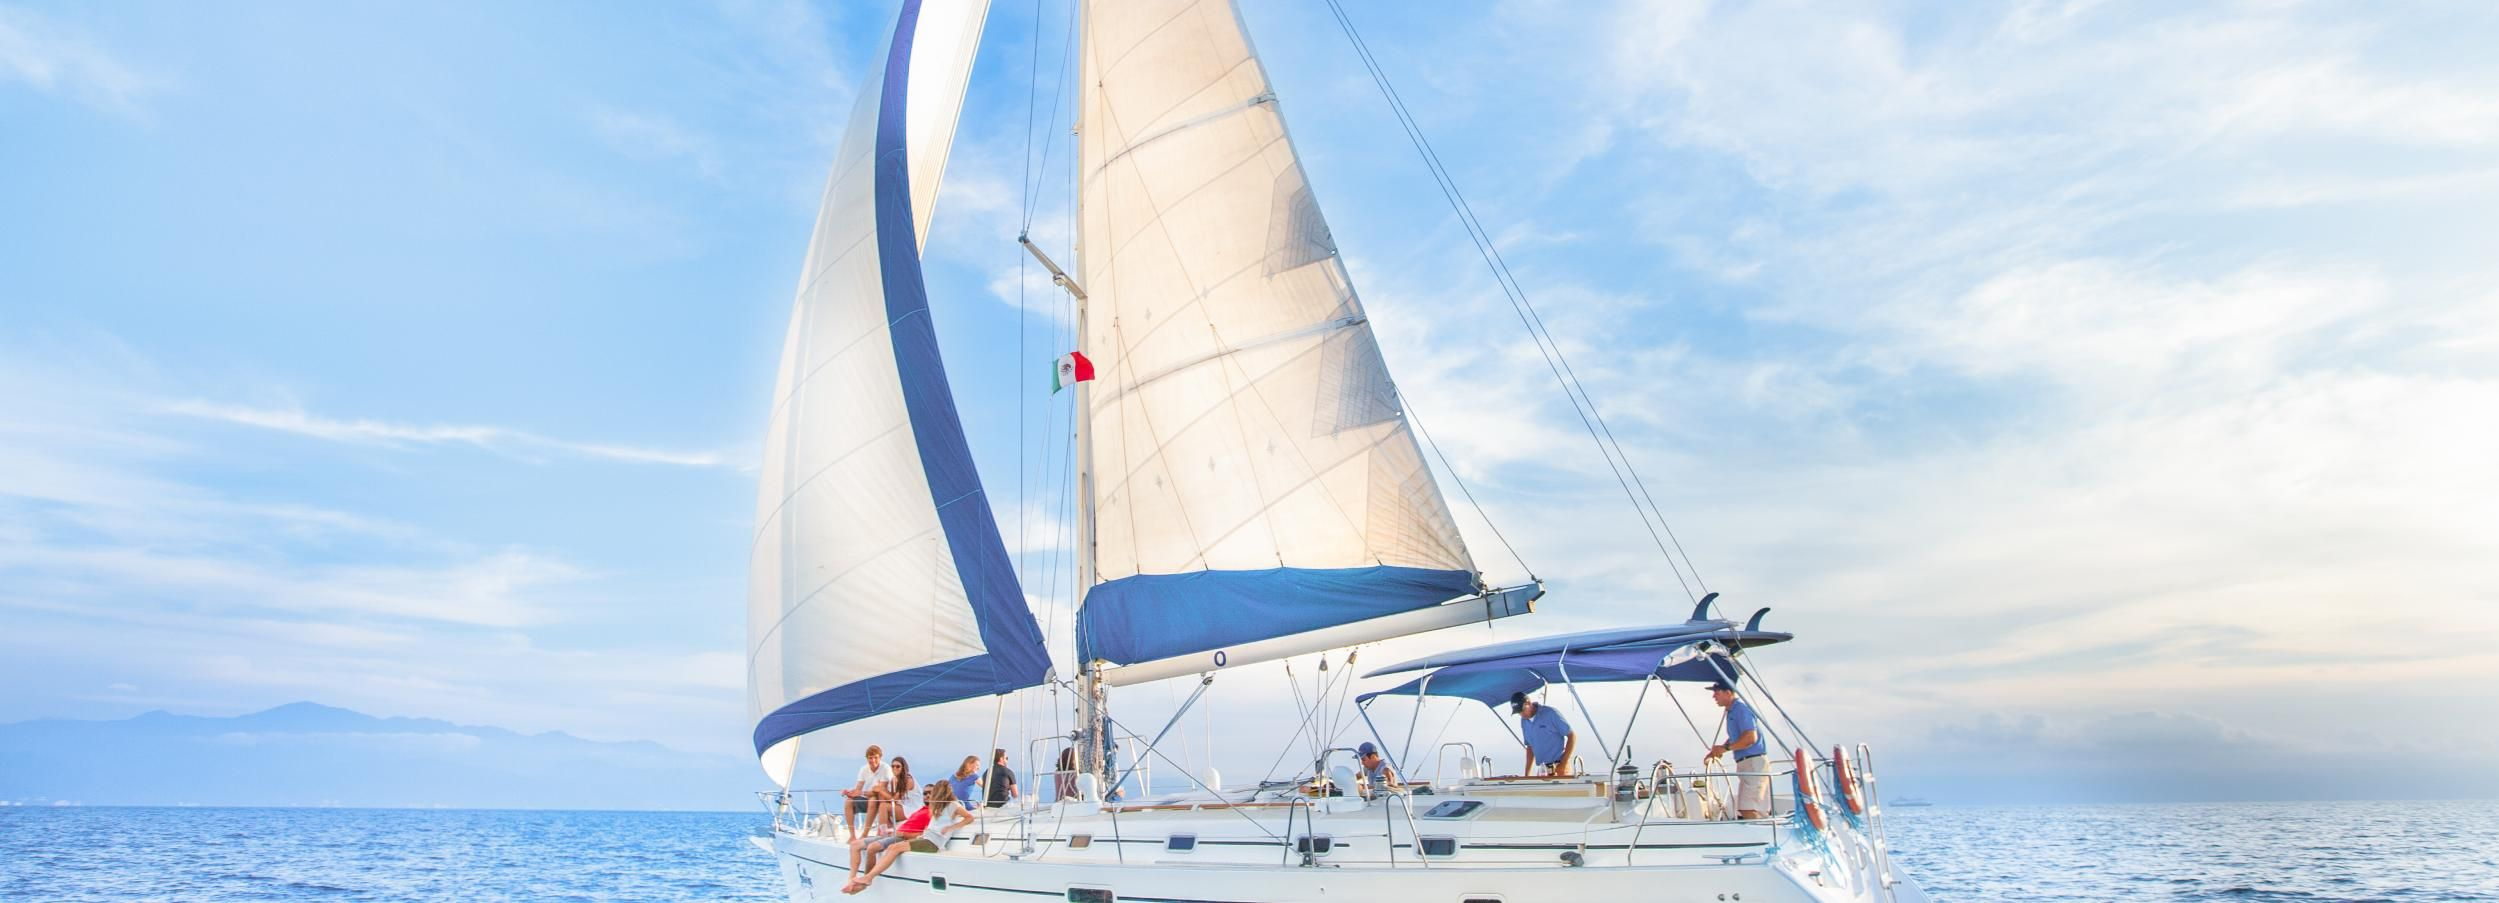 Puerto Vallarta and Nuevo Vallarta: Luxury Sailing Tour